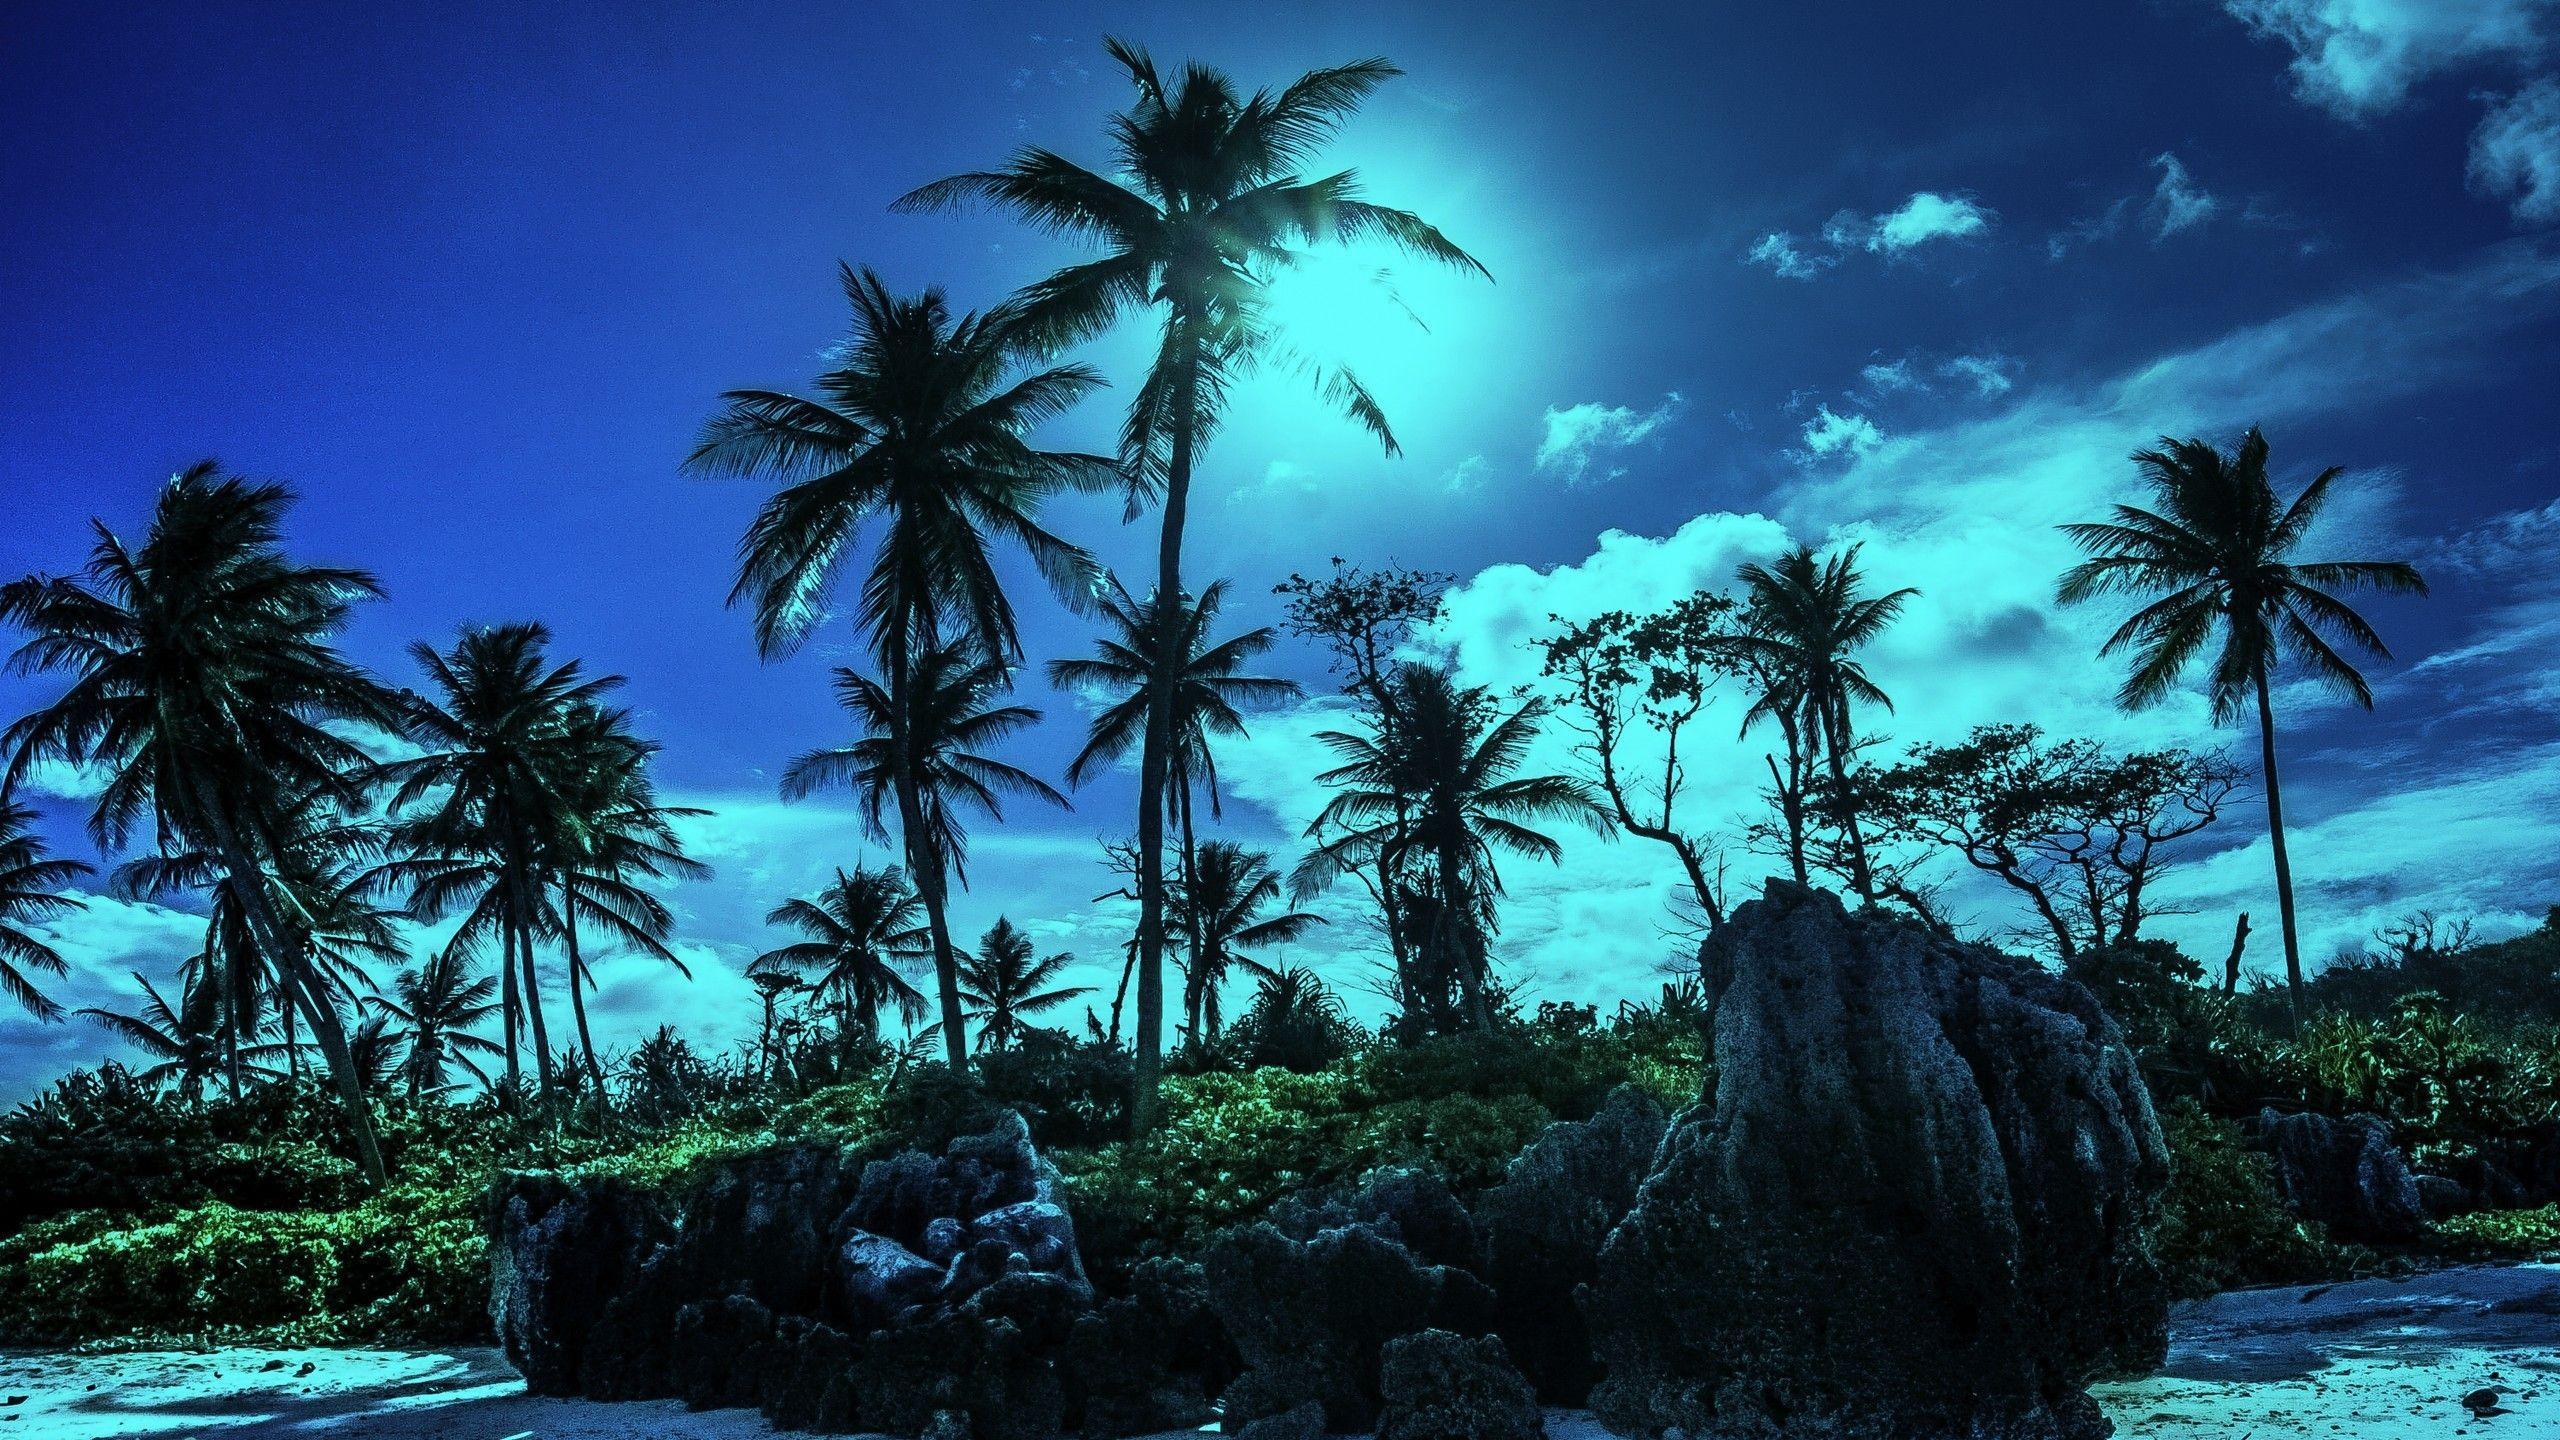 обои тропические острова размер 360x720